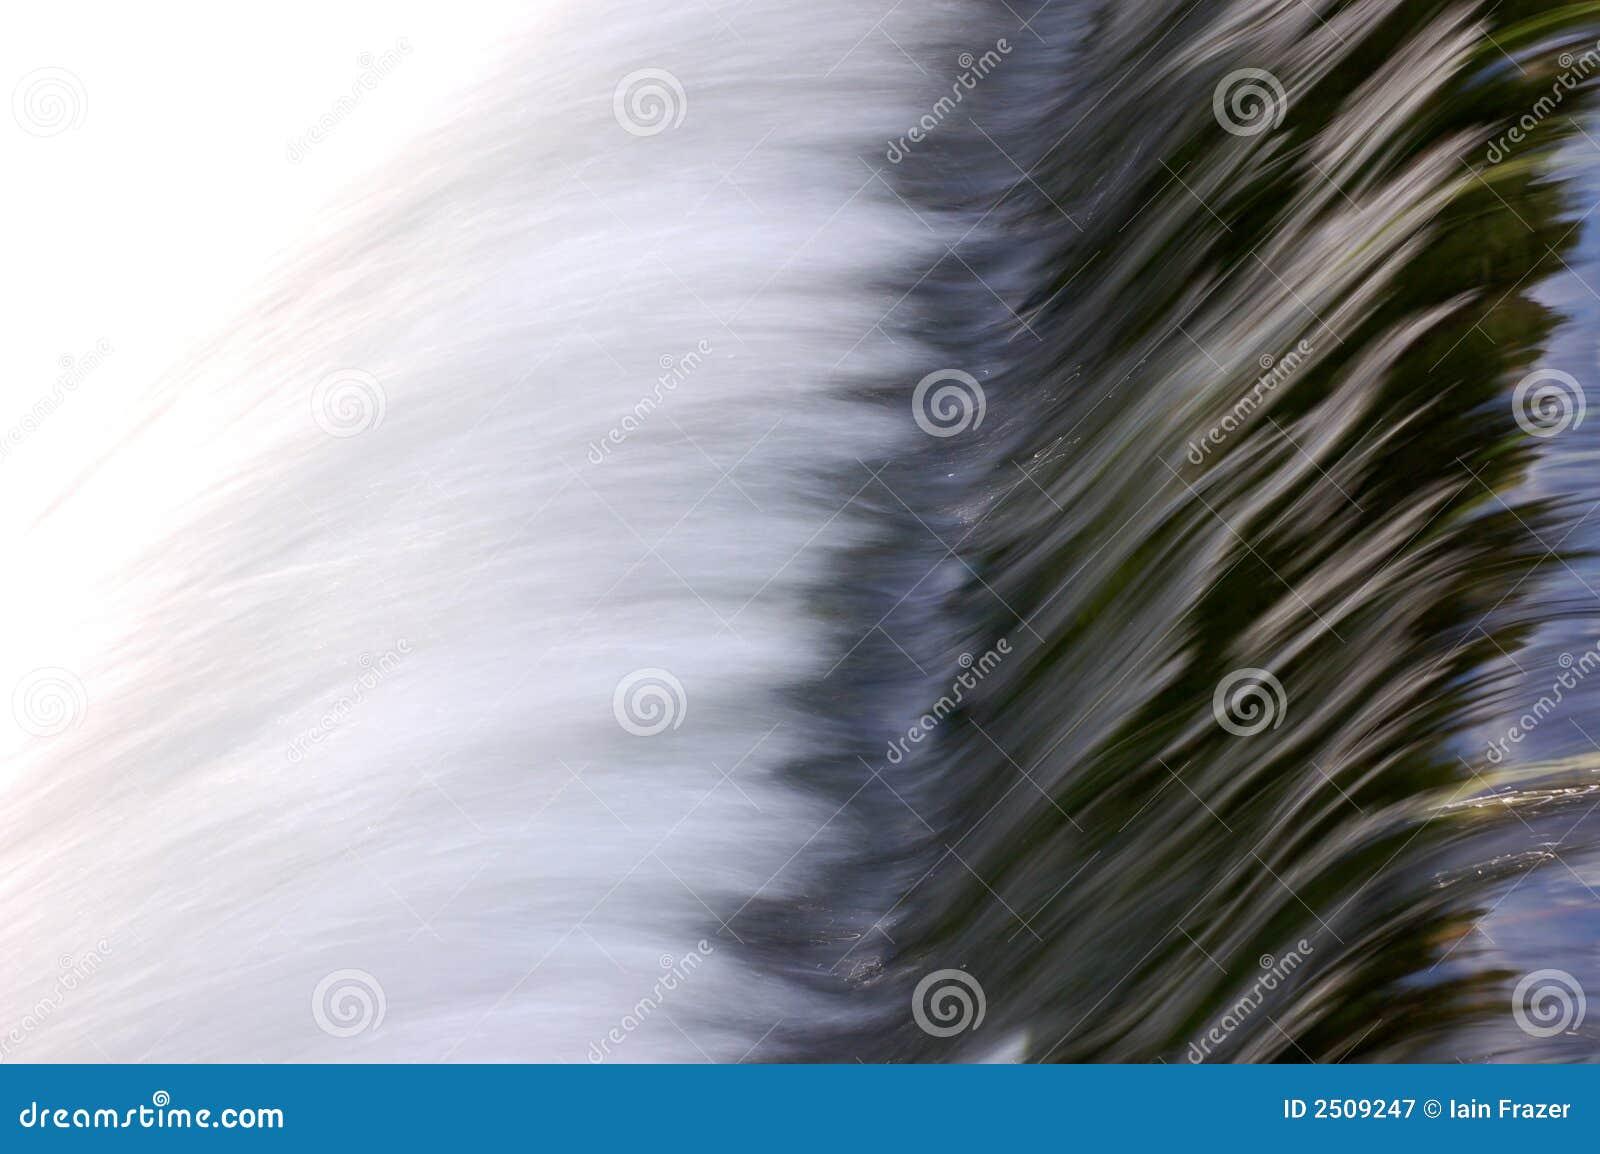 Meeslepend water over waterkering